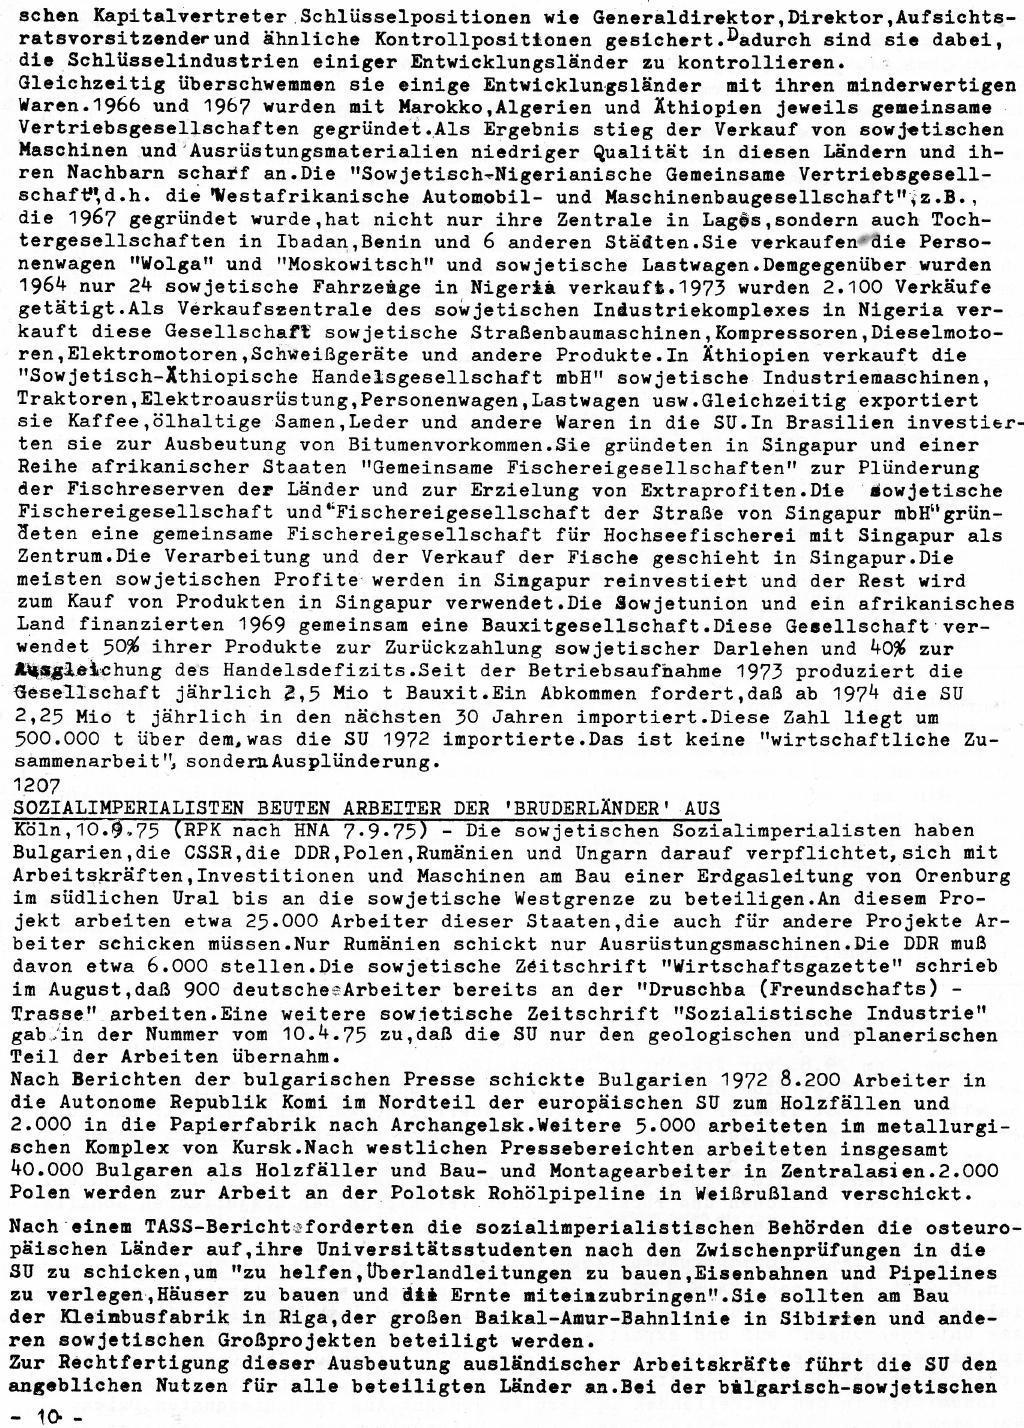 RPK_Pressedienst_1975_43_10